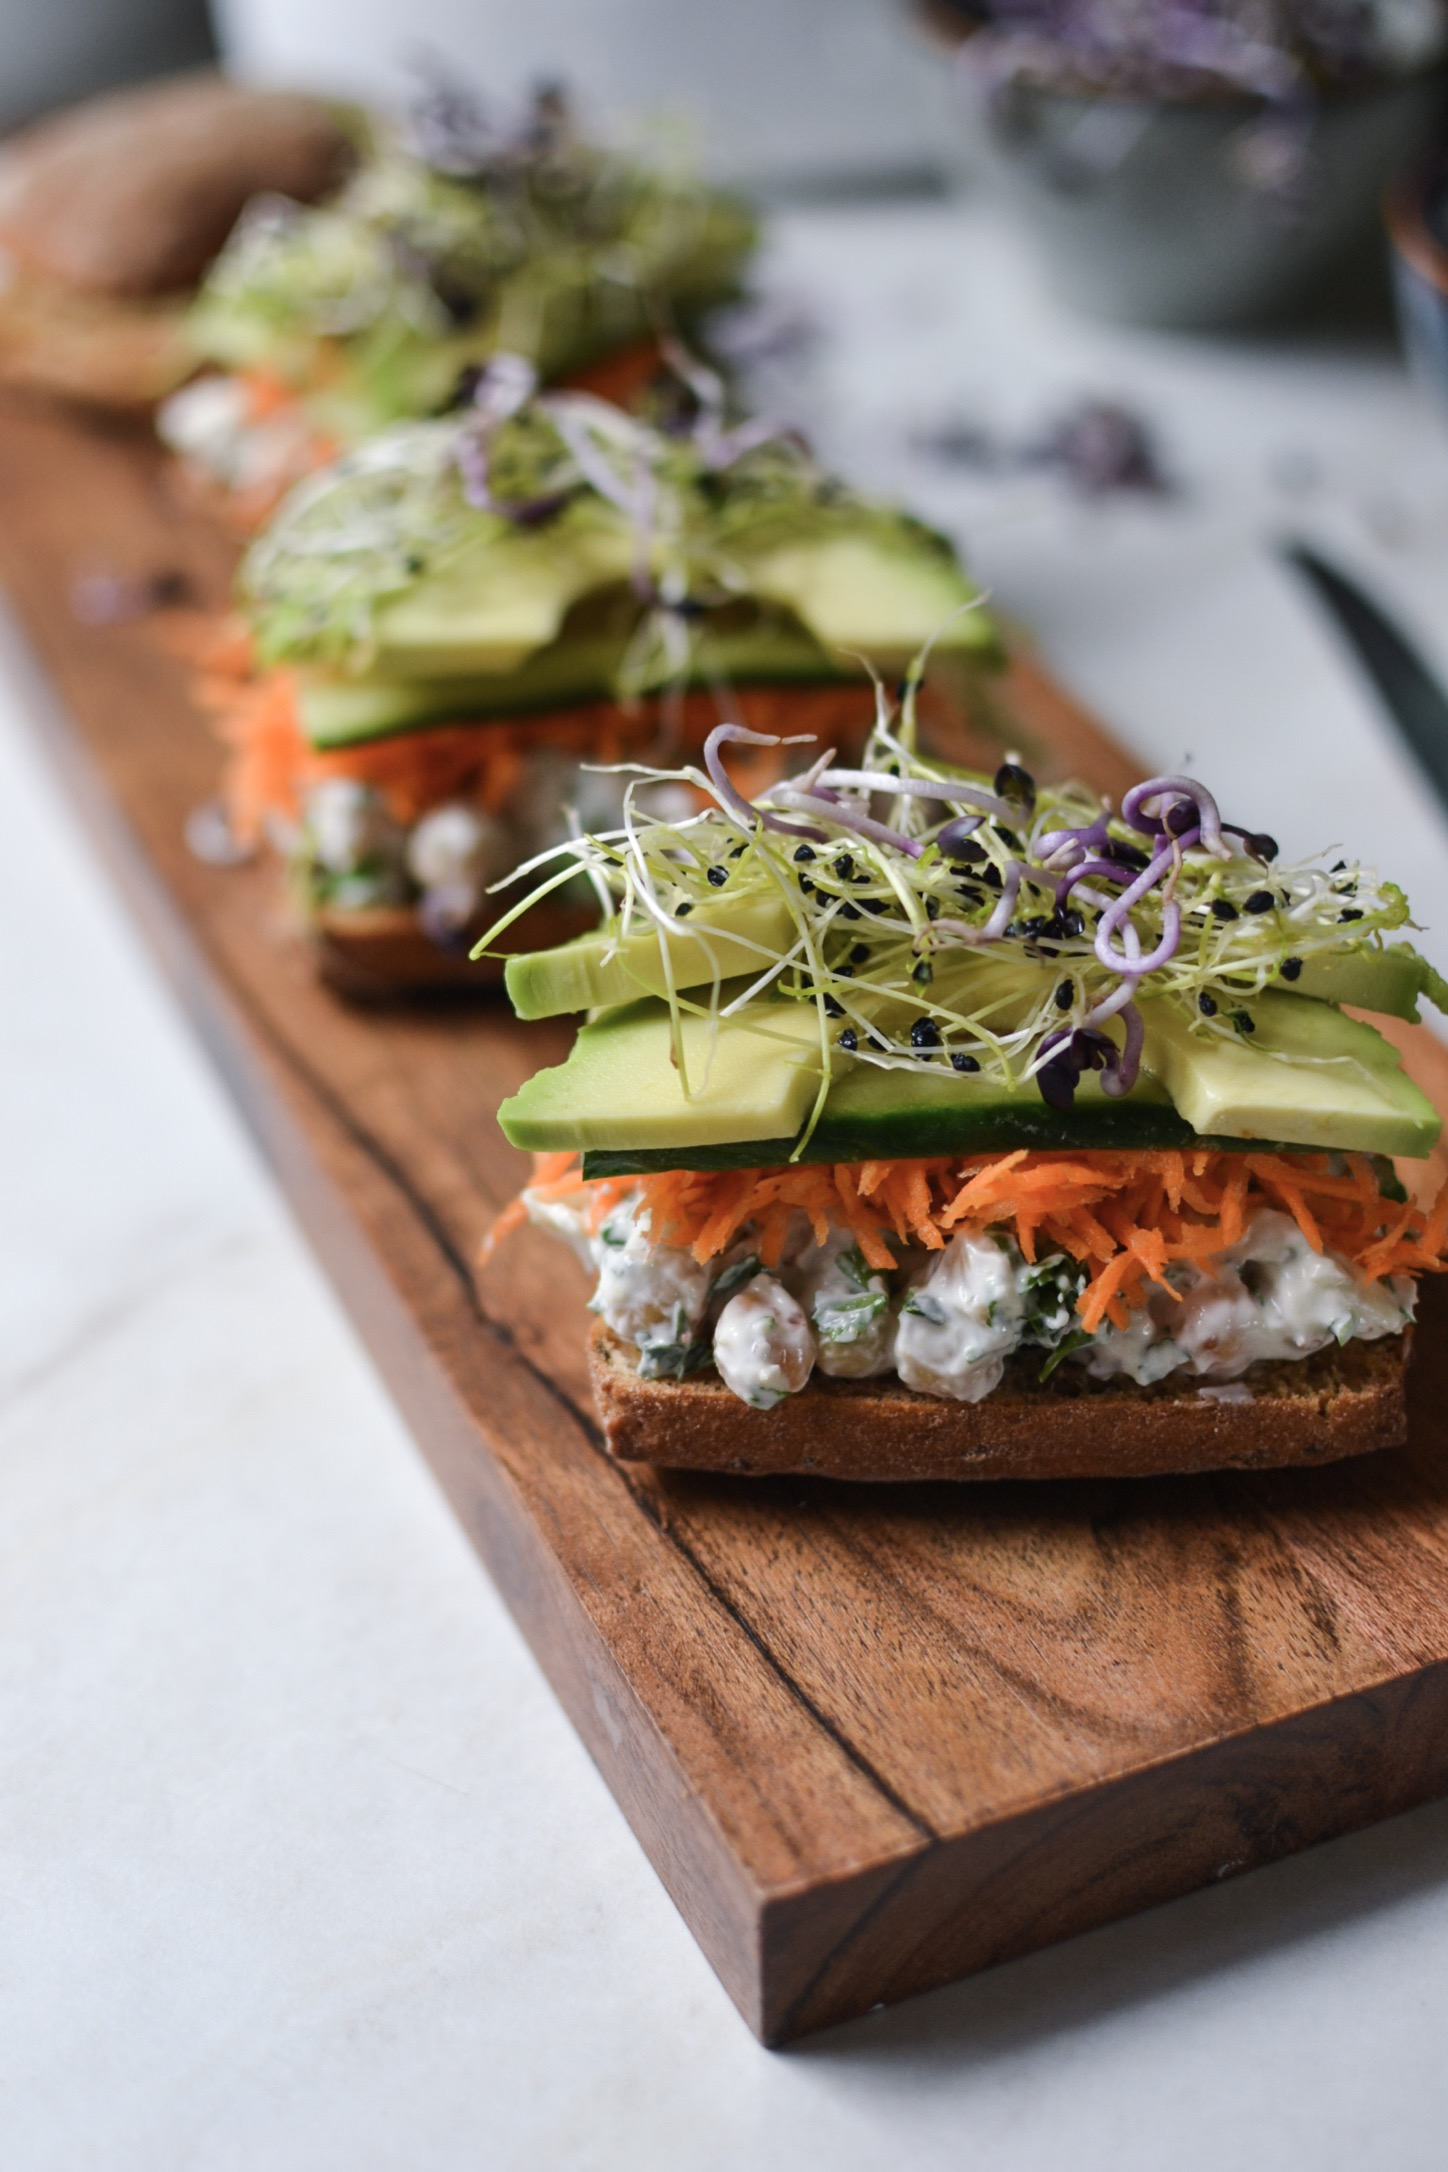 1 journée sans gluten : Ciabatta avec salade de pois chiches et crudités